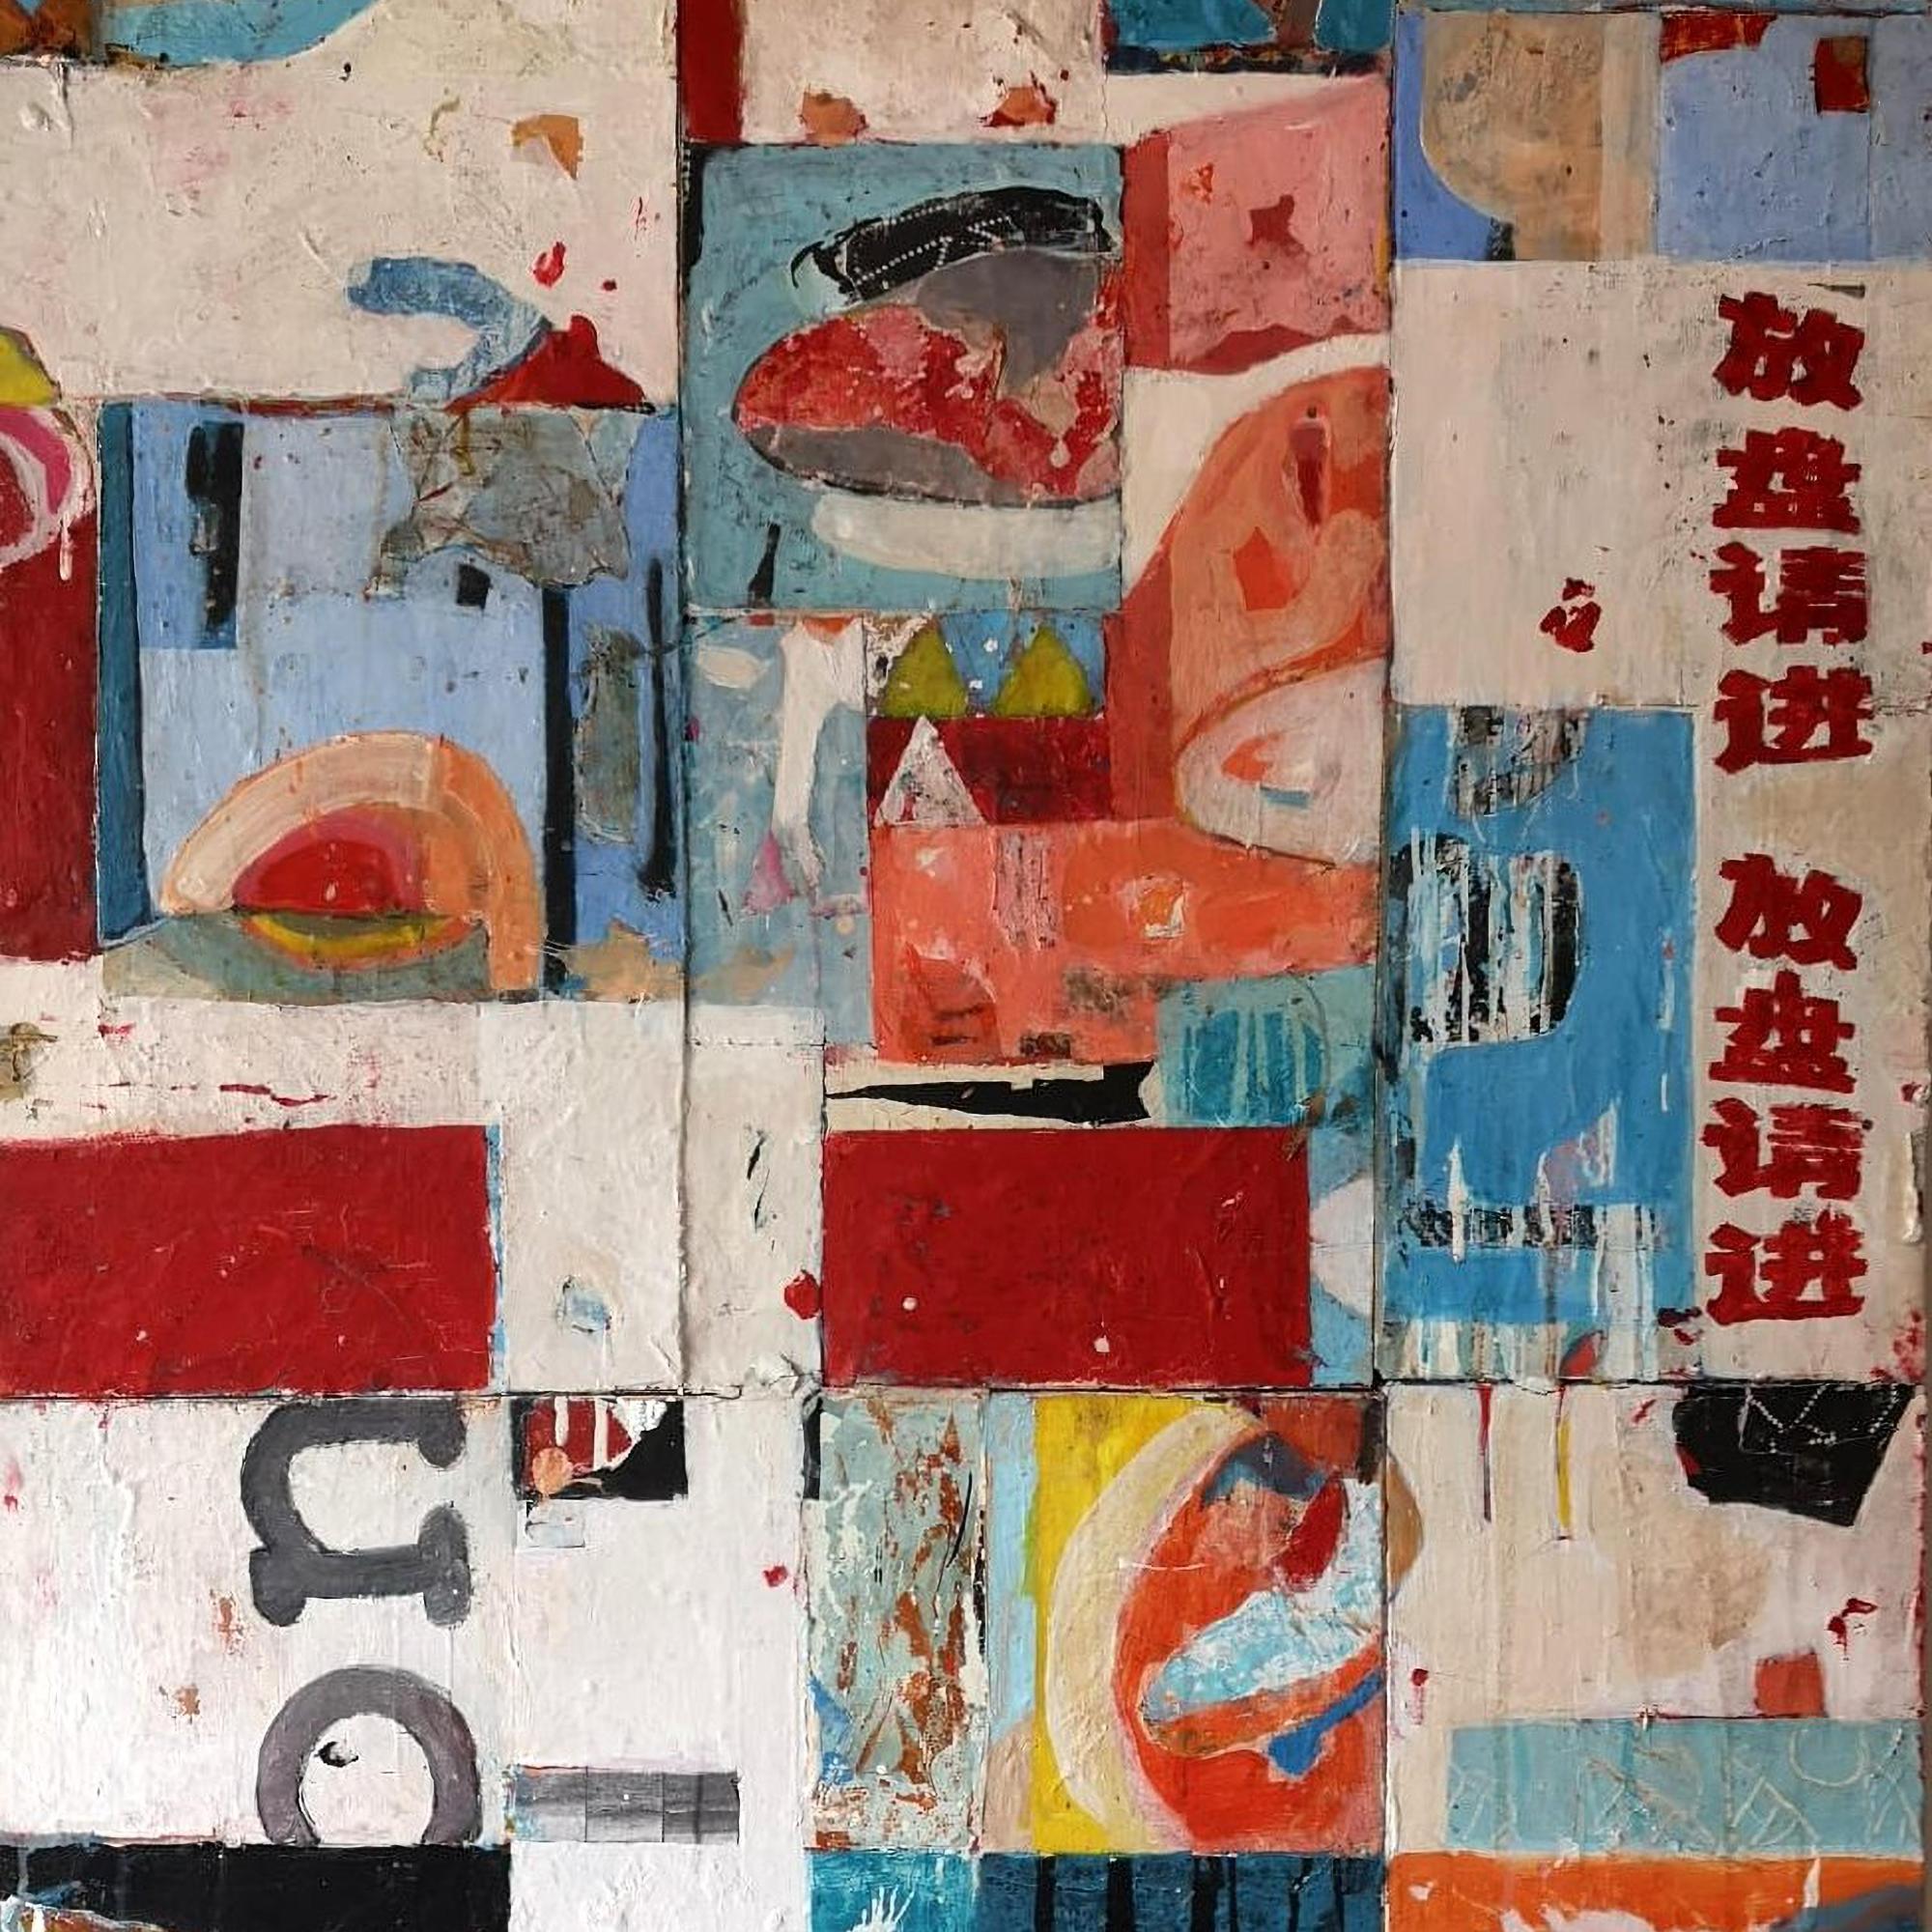 Peinture abstraite acrylique et pastel sur panneaux de bois (78 x 87)